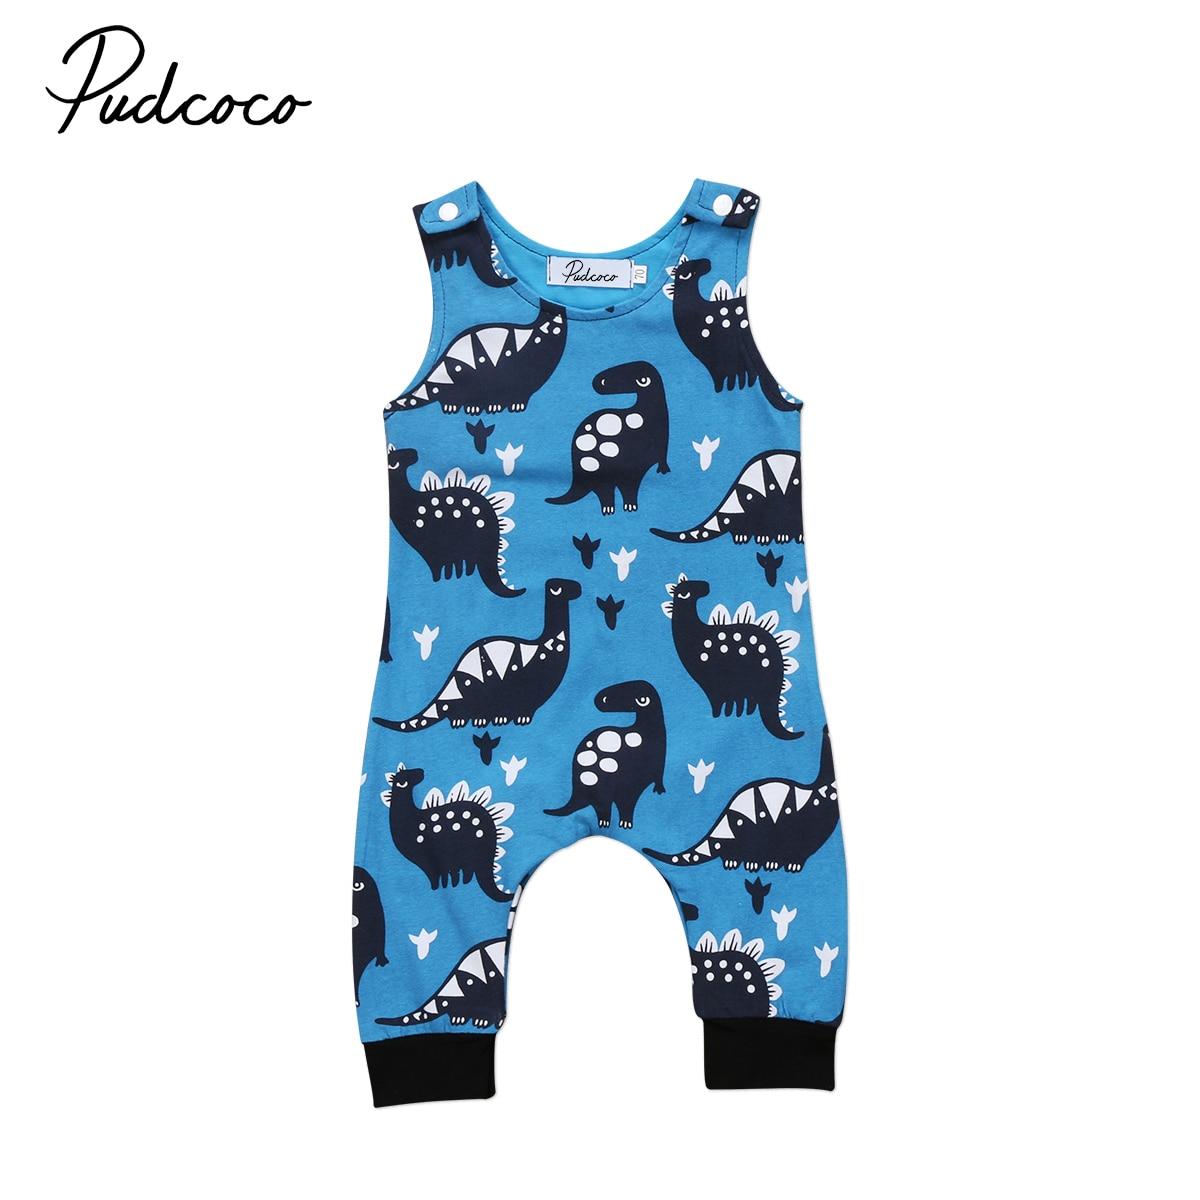 Nuevo 2020 Pudcoco 0-18M dinosaurio bebé recién nacido sin mangas mono azul mono de anime traje ropa algodón 2019